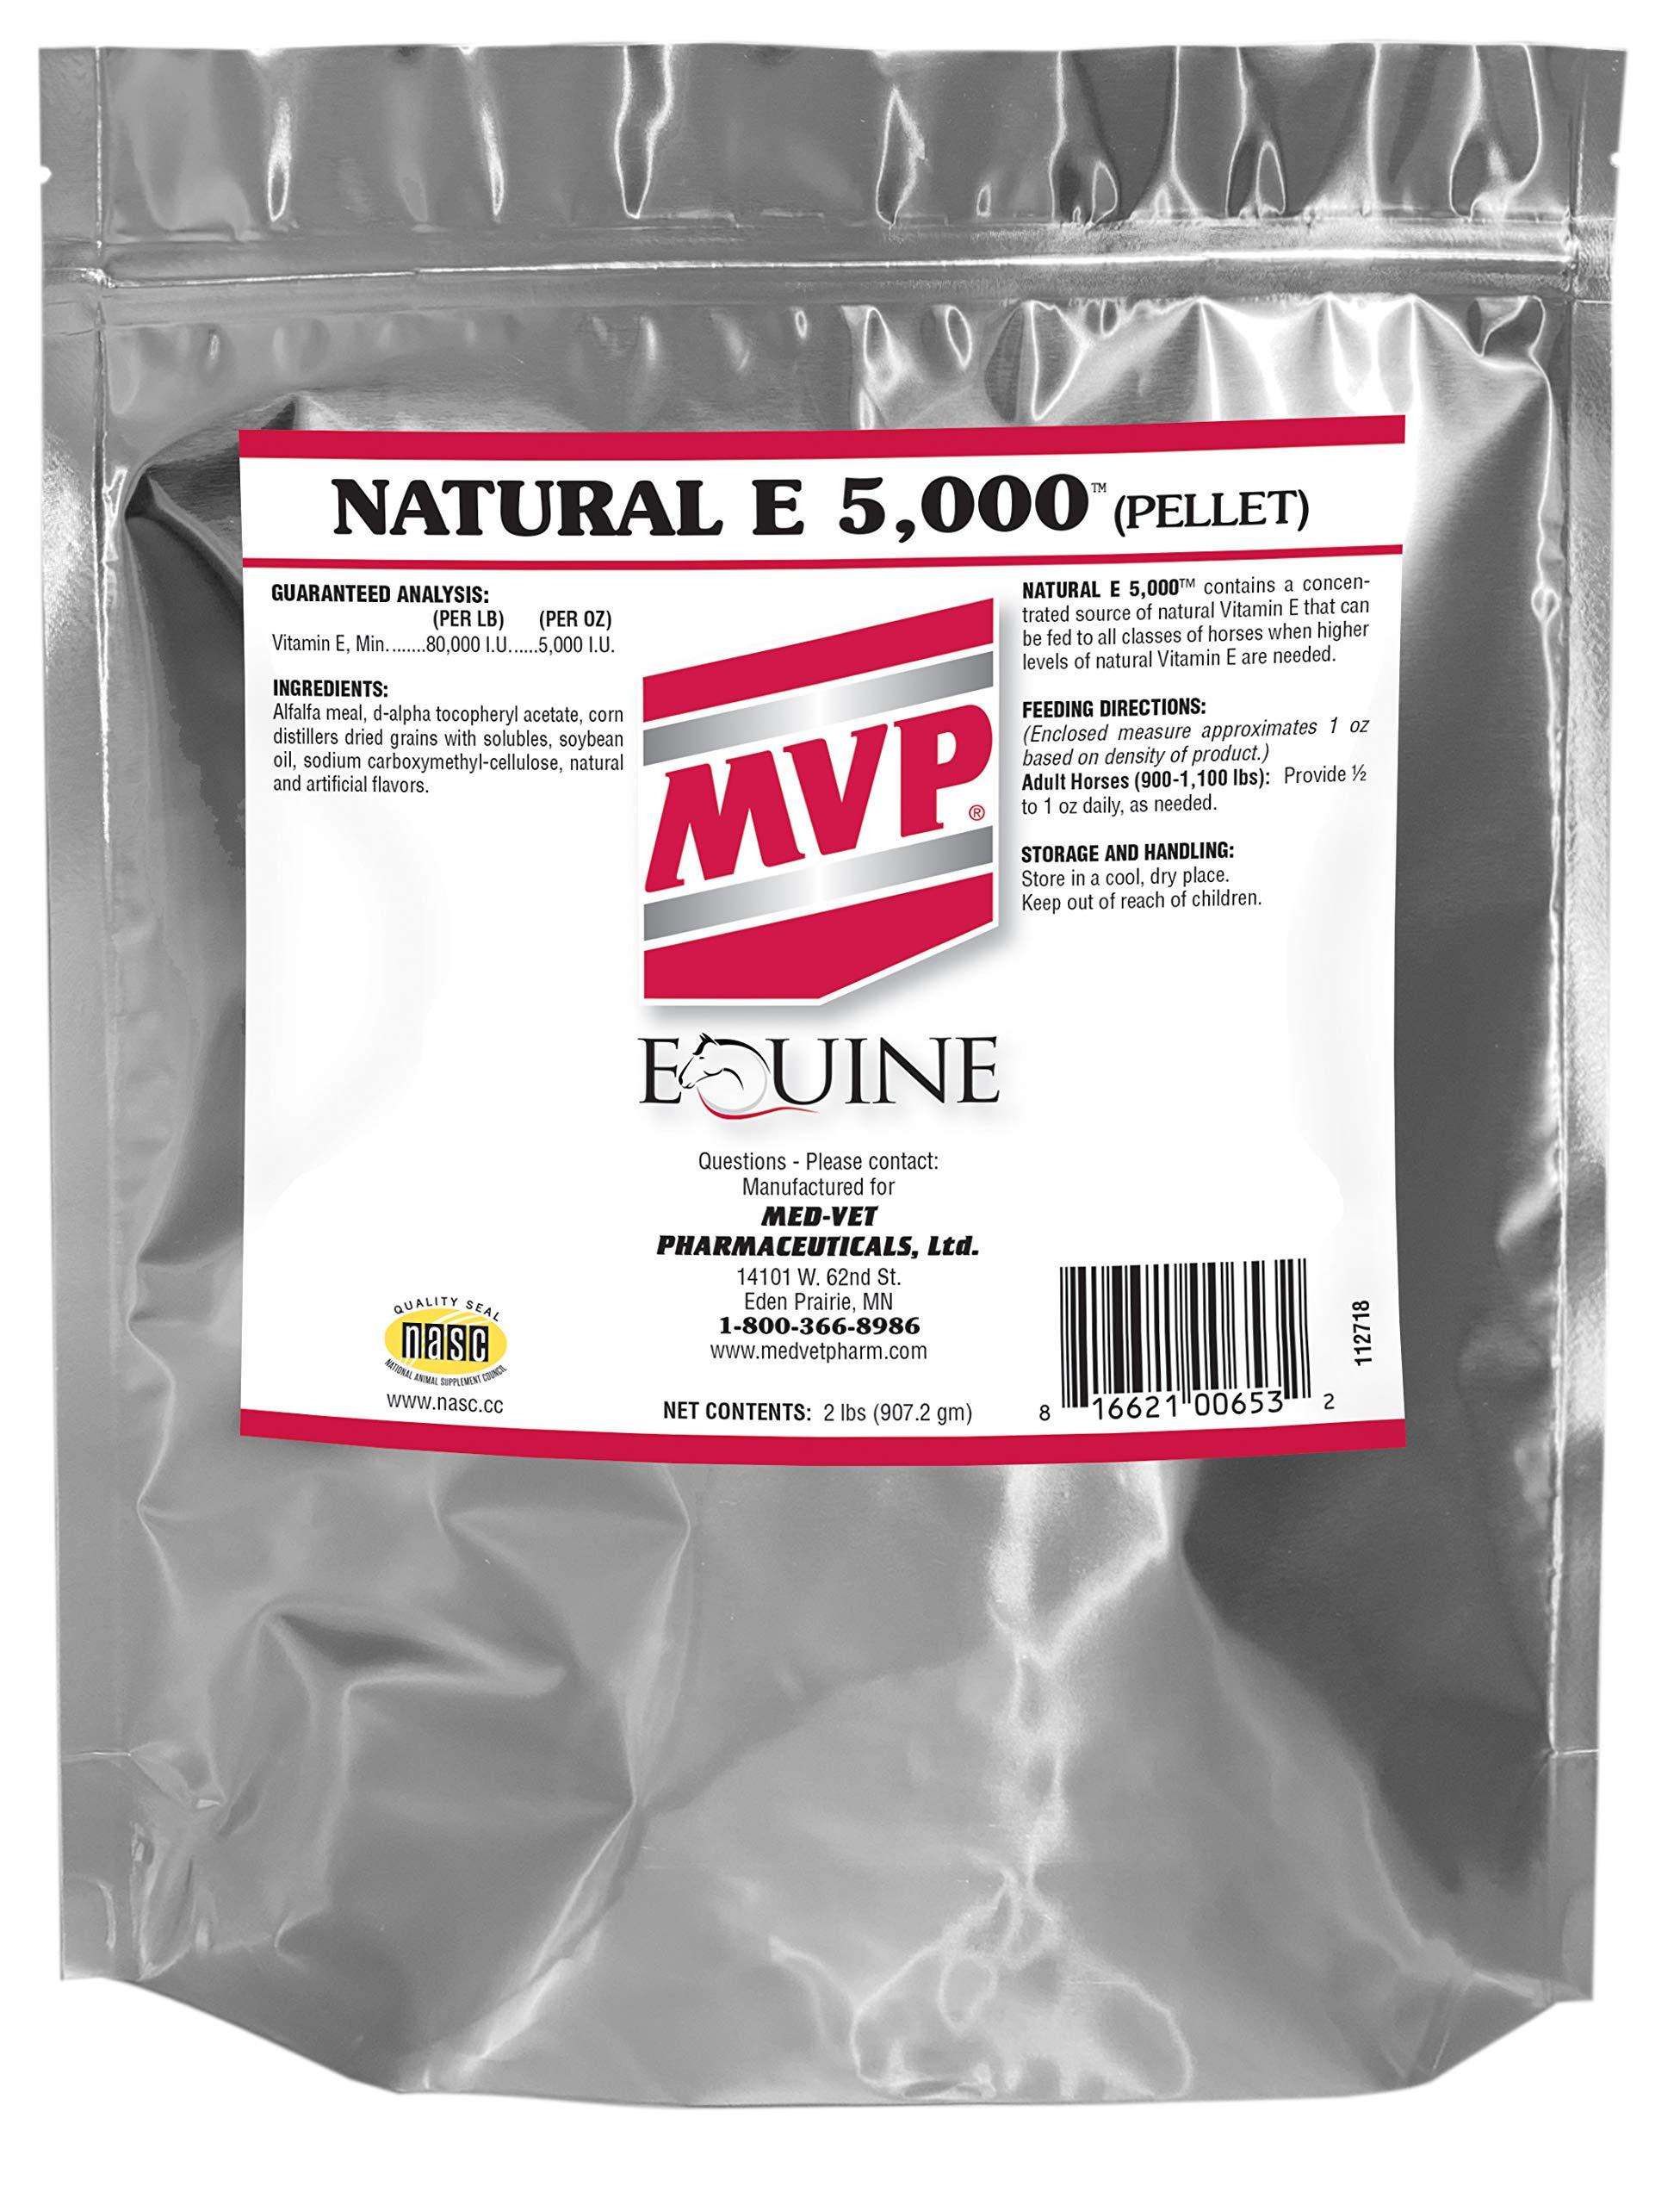 Med-Vet Natural E 5000 Pellets 2 lb by Med-Vet Pharmaceuticals